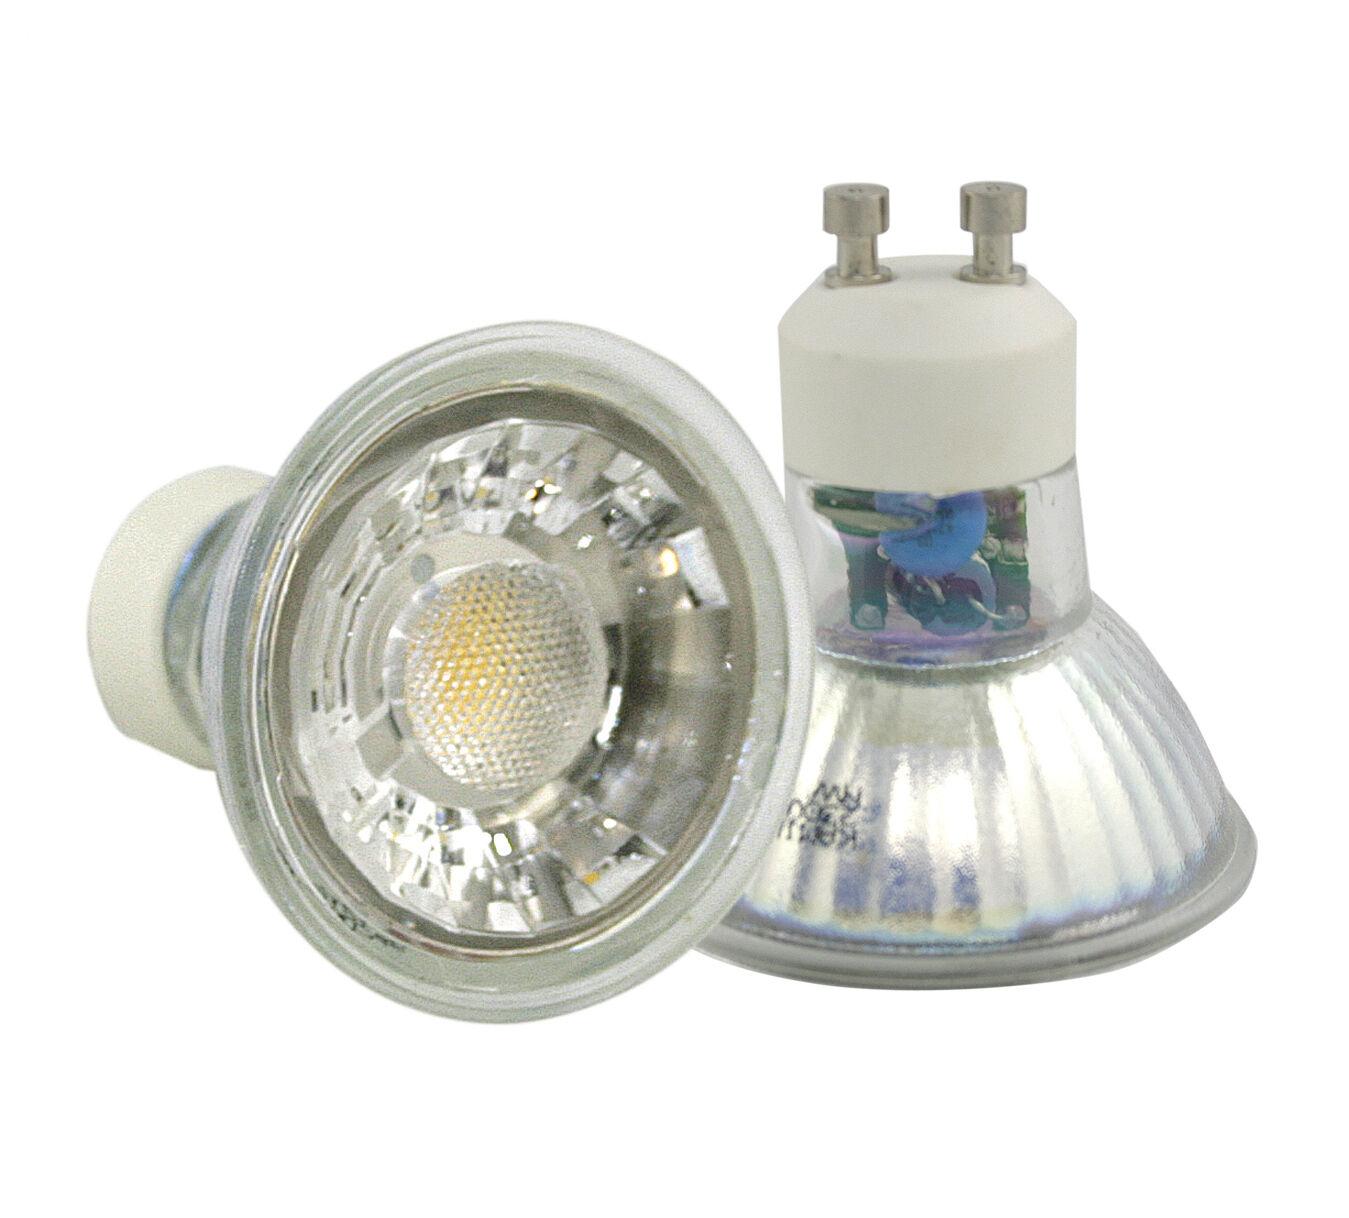 10 unidades de LED emisor 7w gu10 230v vidrio-lámparas LED Hell como 70 vatios halogen